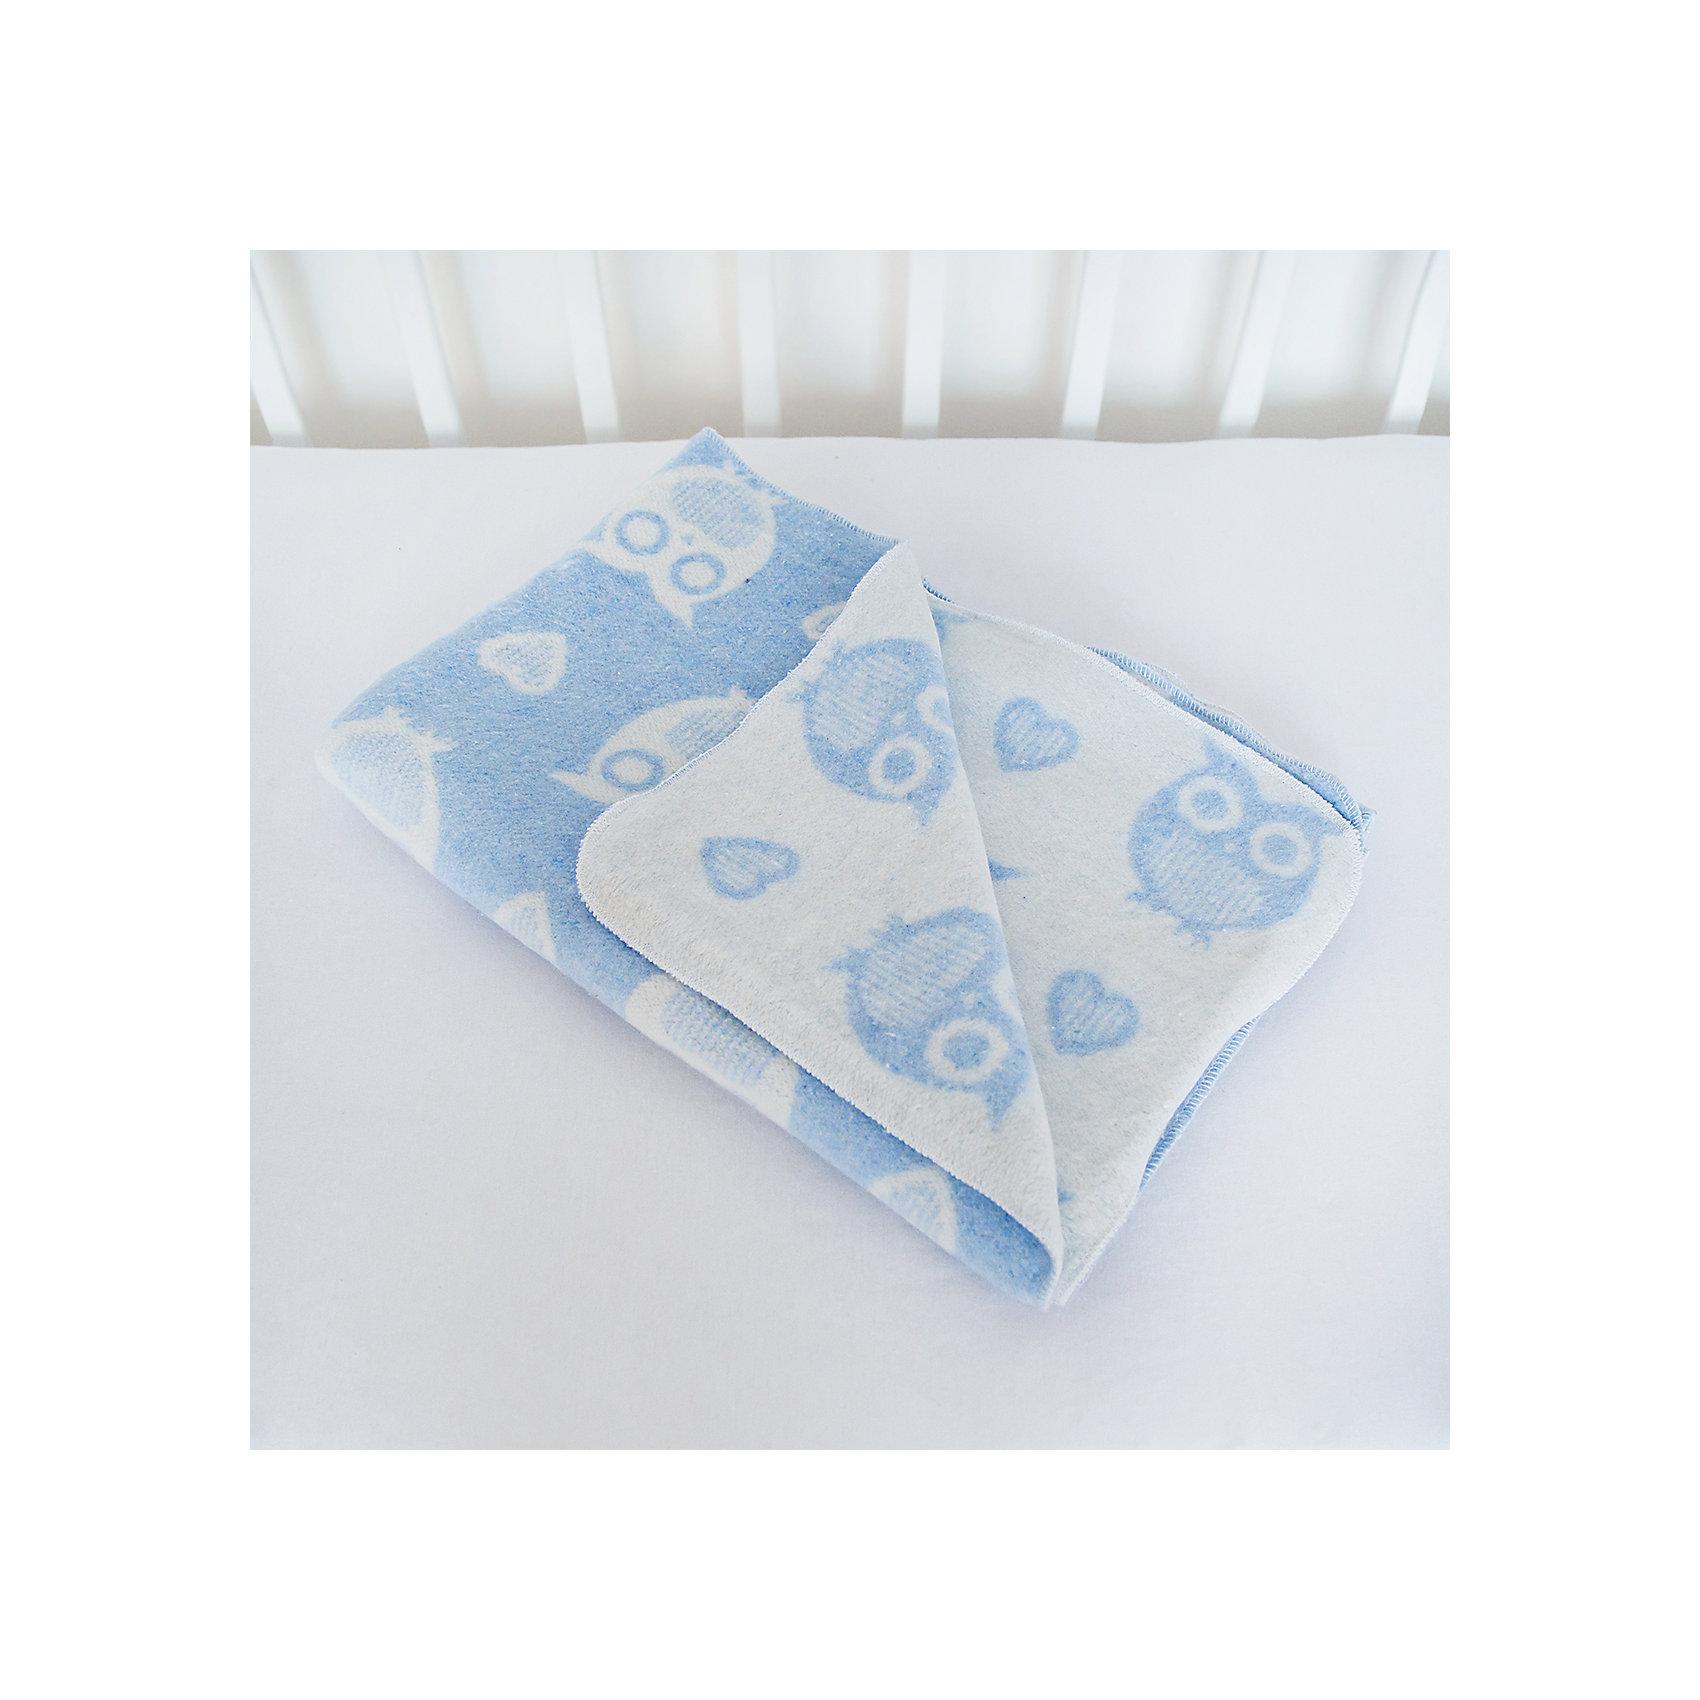 Одеяло байковое Совы 85х115, Baby Nice, голубойОдеяла, пледы<br>Малыши требуют особого ухода. Предметы, находящиеся в детской кроватке, должны быть качественными и безопасными. Это одеяло разработано специально для малышей, оно обеспечивает комфорт на всю ночь. Одеяло украшено симпатичным принтом.<br>Одеяло сшито из натурального дышащего хлопка, приятного на ощупь. Он не вызывает аллергии, что особенно важно для малышей. Оно обеспечит хорошую терморегуляцию, а значит - крепкий сон. Одеяло сделано из высококачественных материалов, безопасных для ребенка.<br><br>Дополнительная информация:<br><br>цвет: голубой;<br>материал: хлопок, жаккард;<br>принт;<br>размер: 85 х 115 см.<br><br>Одеяло байковое Совы 85х115 от компании Baby Nice можно купить в нашем магазине.<br><br>Ширина мм: 230<br>Глубина мм: 250<br>Высота мм: 40<br>Вес г: 500<br>Возраст от месяцев: 0<br>Возраст до месяцев: 36<br>Пол: Унисекс<br>Возраст: Детский<br>SKU: 4948429